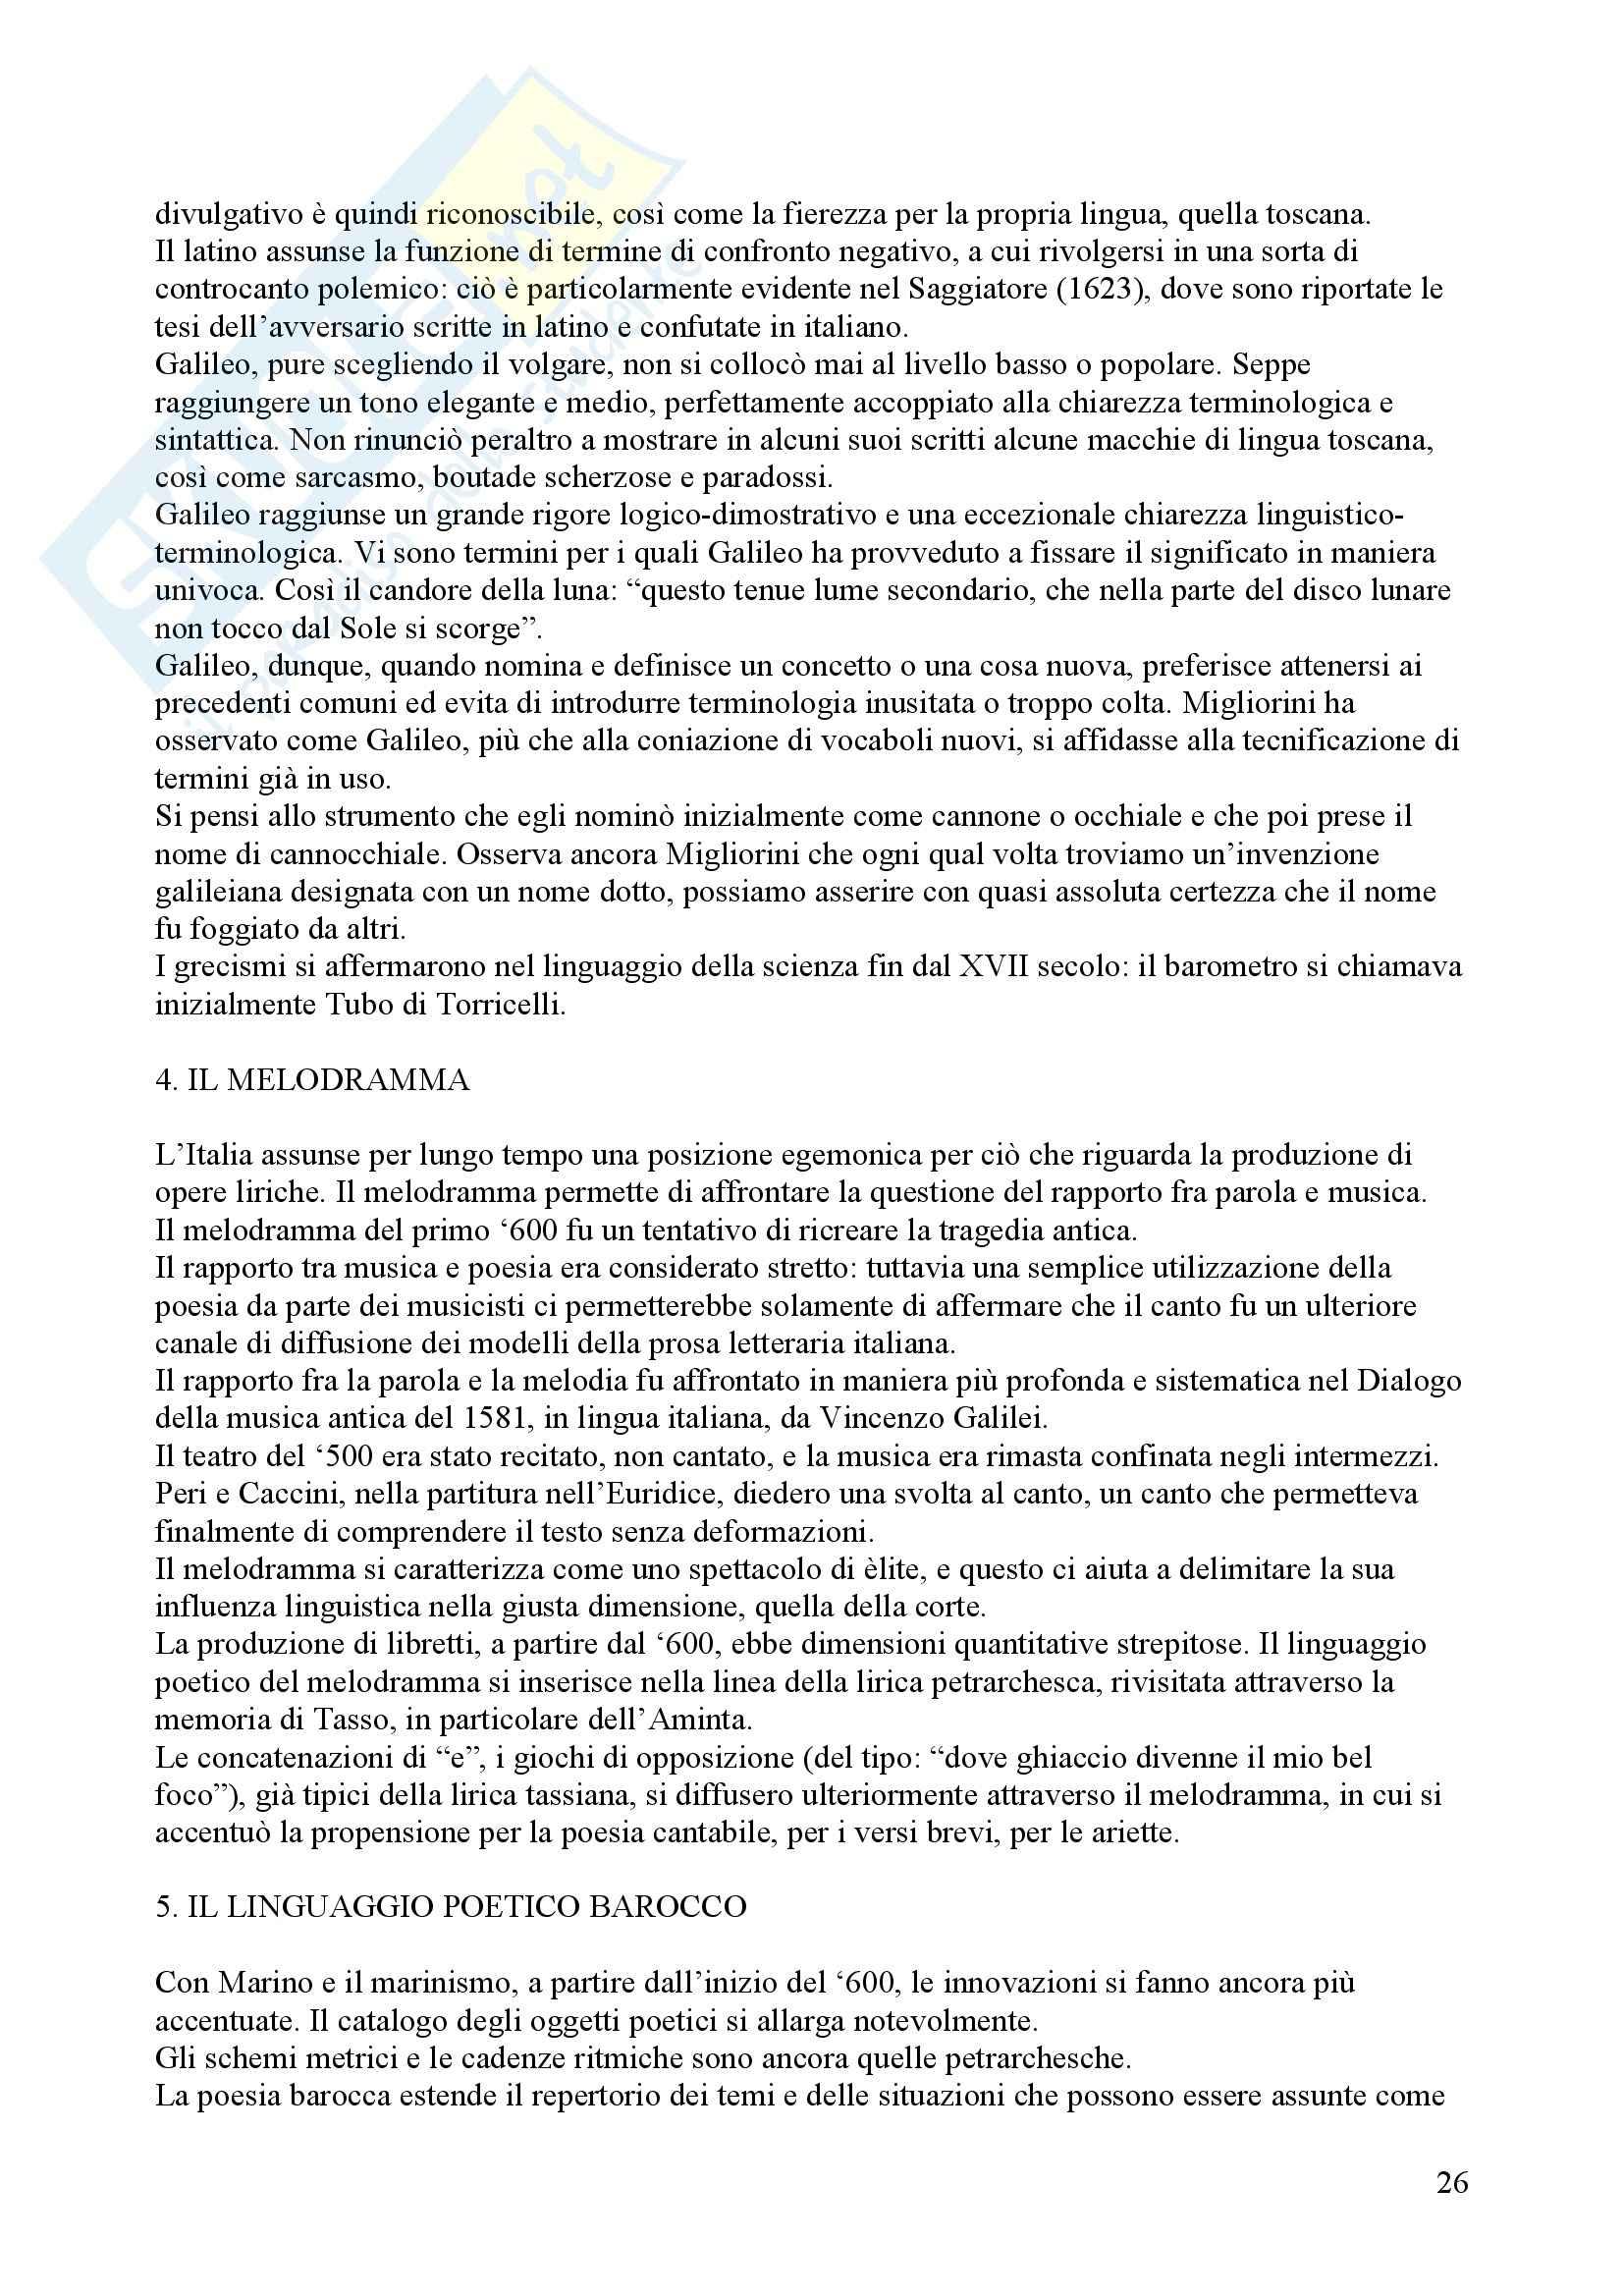 Tecniche espressive e composizione testi in italiano - Claudio Marazzini - breve storia della lingua italiana Pag. 26